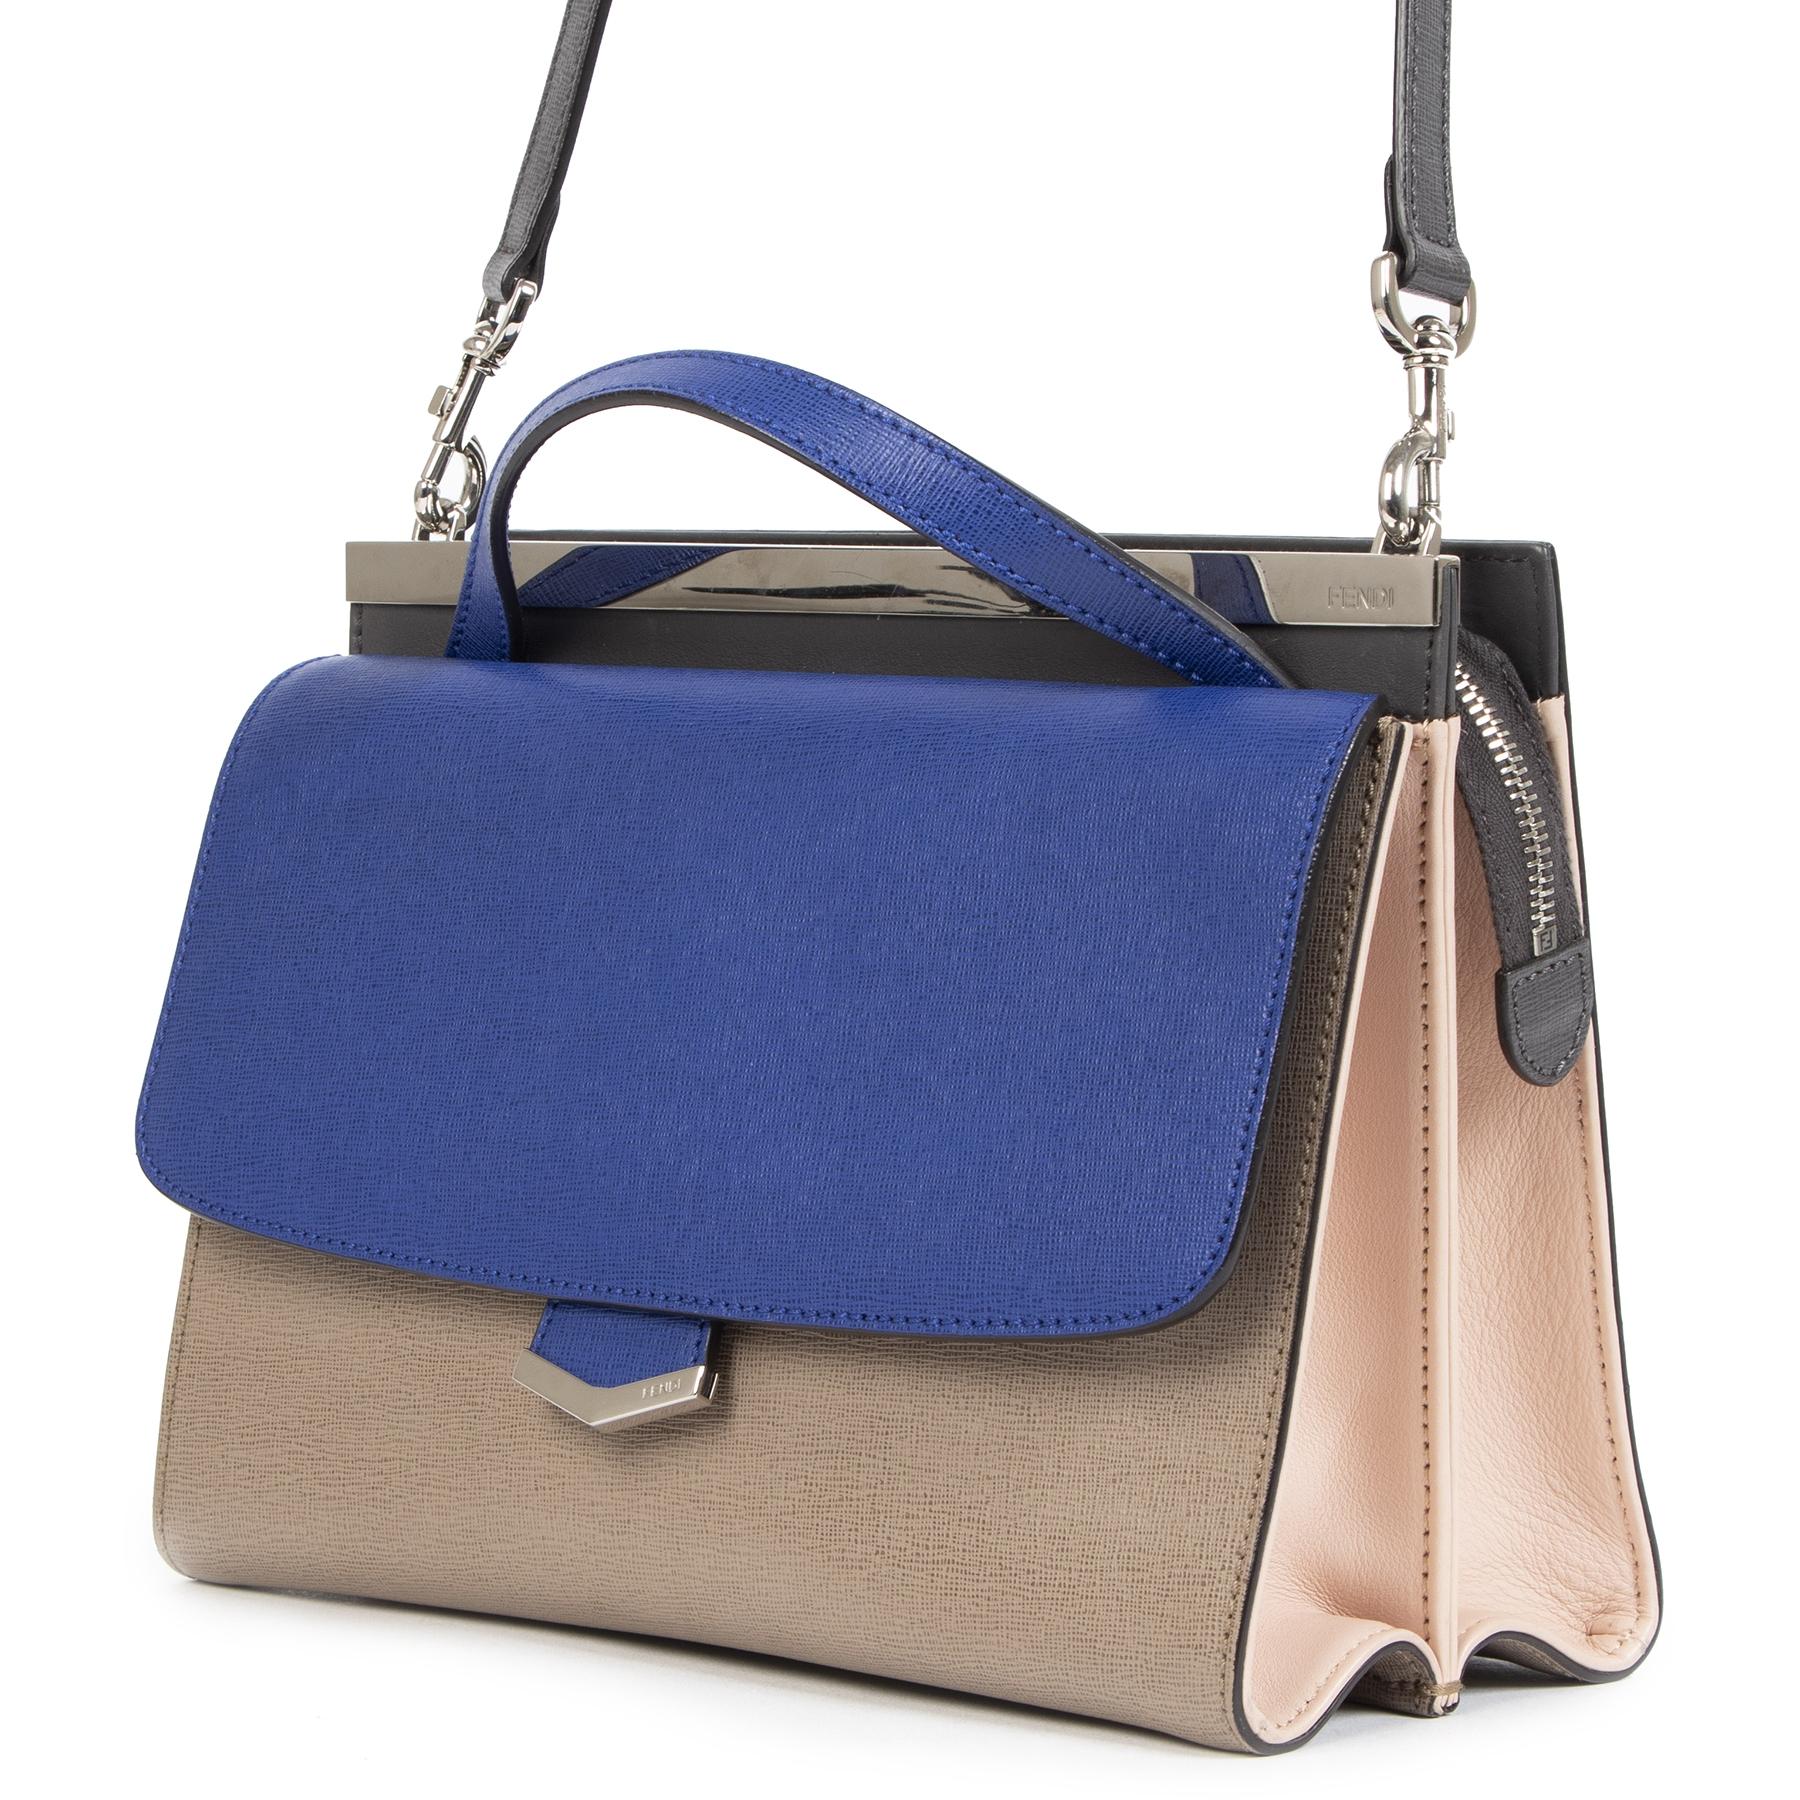 Authentieke Tweedehands Fendi Blue Demi Jour Leather Shoulder Bag juiste prijs veilig online shoppen luxe merken webshop winkelen Antwerpen België mode fashion